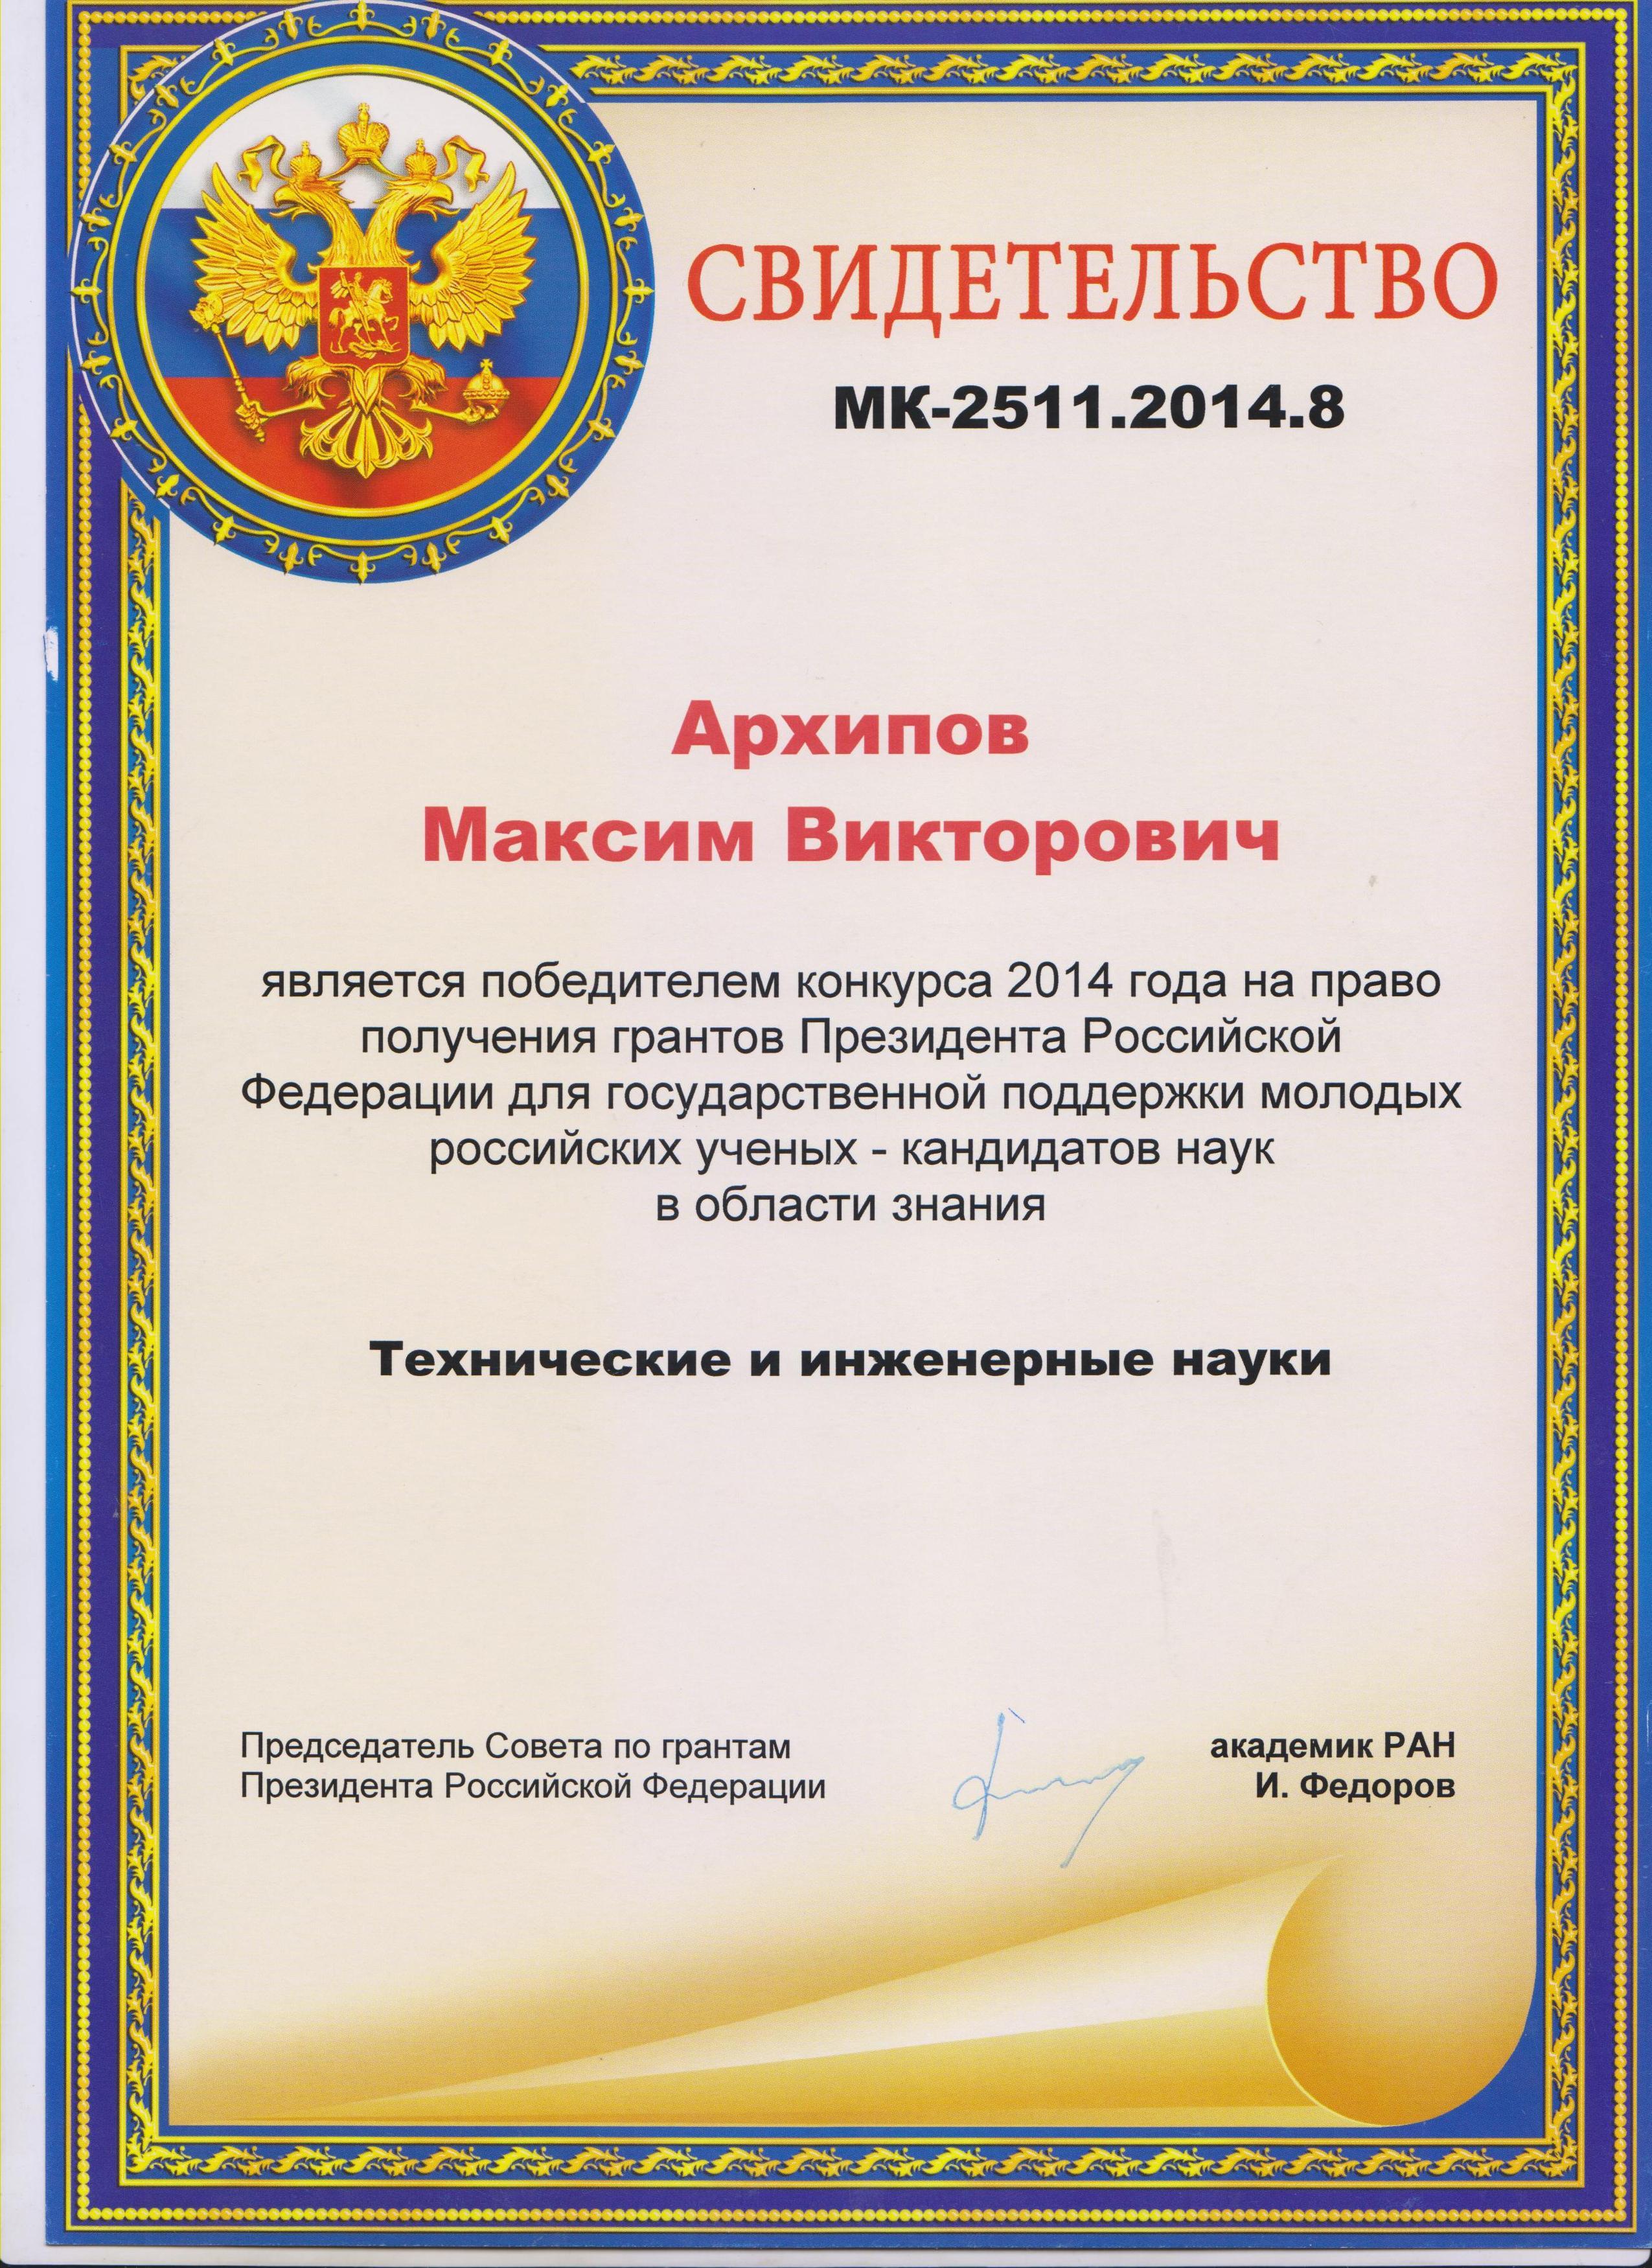 Поздравления с присвоением звания